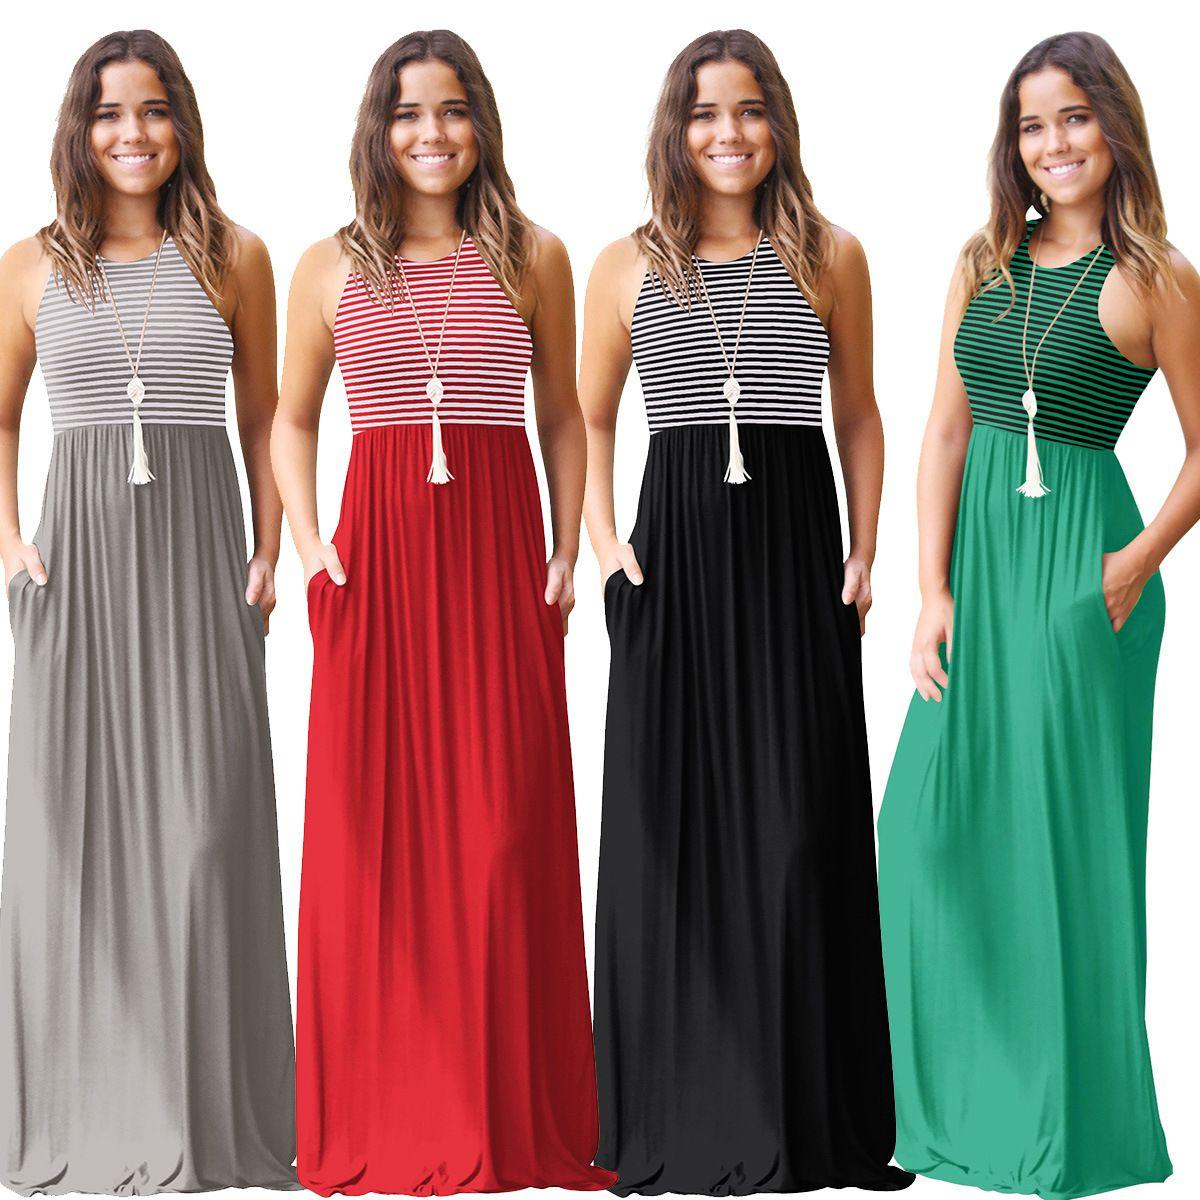 da773049c61 Women S Summer Sleeveless Striped Tank Dress Femme Boho Long Dress Women  Casual Pocket Beach Sundress New Maxi Dress Purple Dresses Winter Dresses  From ...